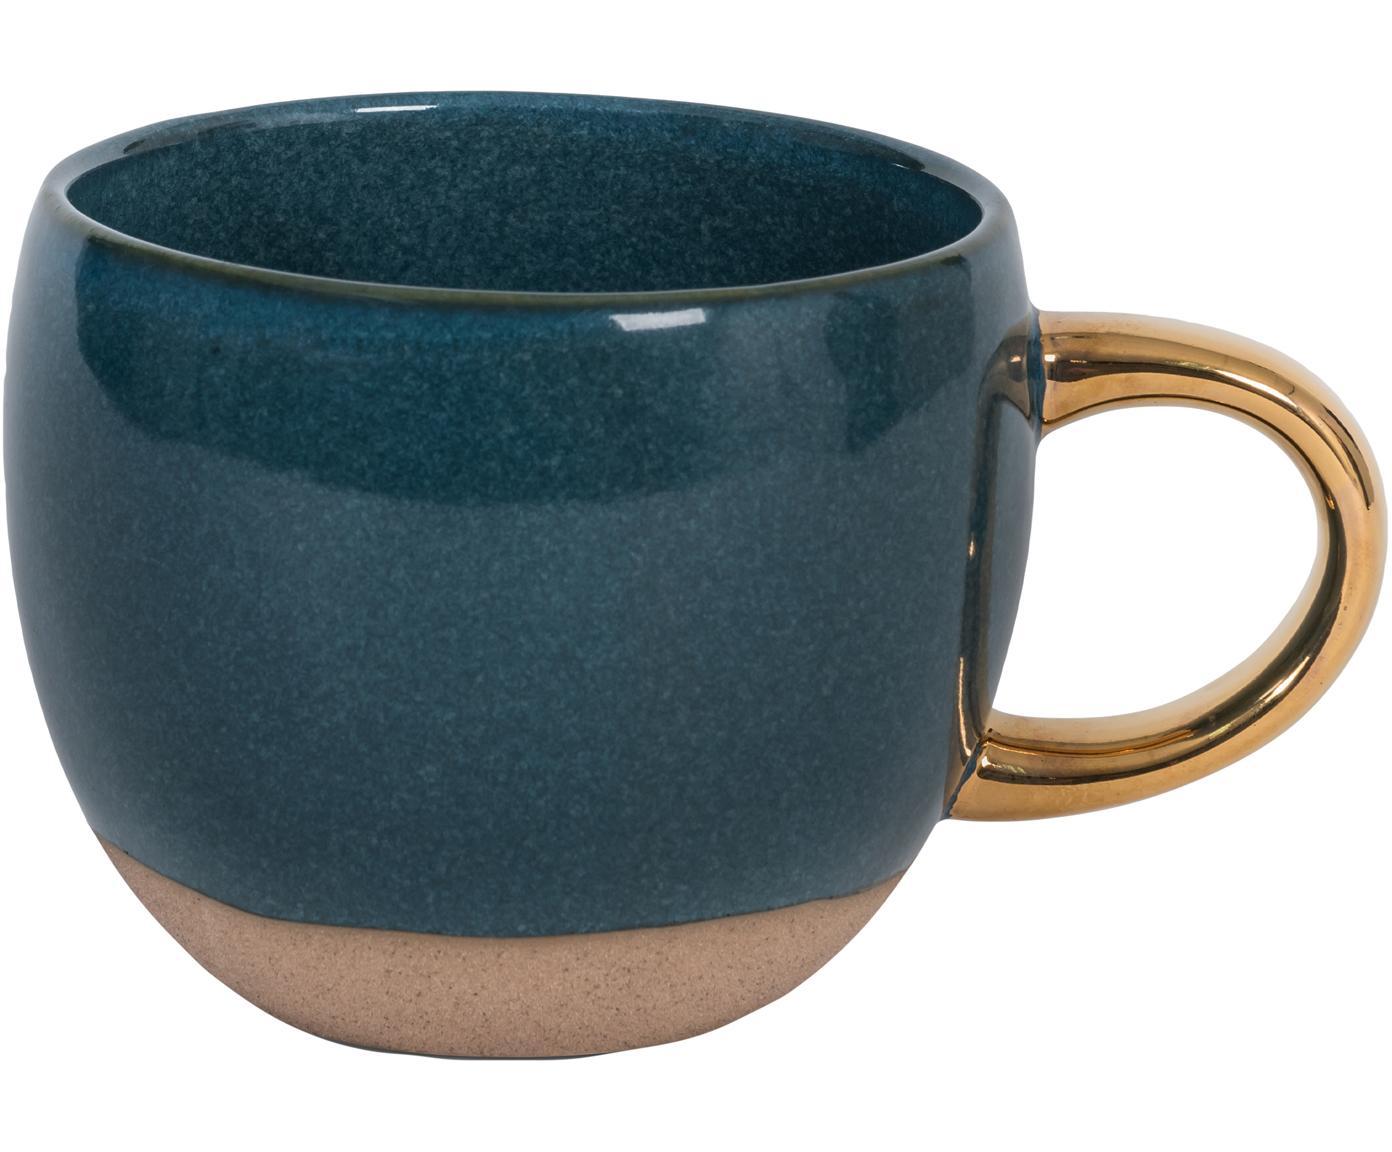 Kaffeetasse Legion mit goldenem Griff, Steingut, Blau, Goldfarben, Ø 11 x H 9 cm